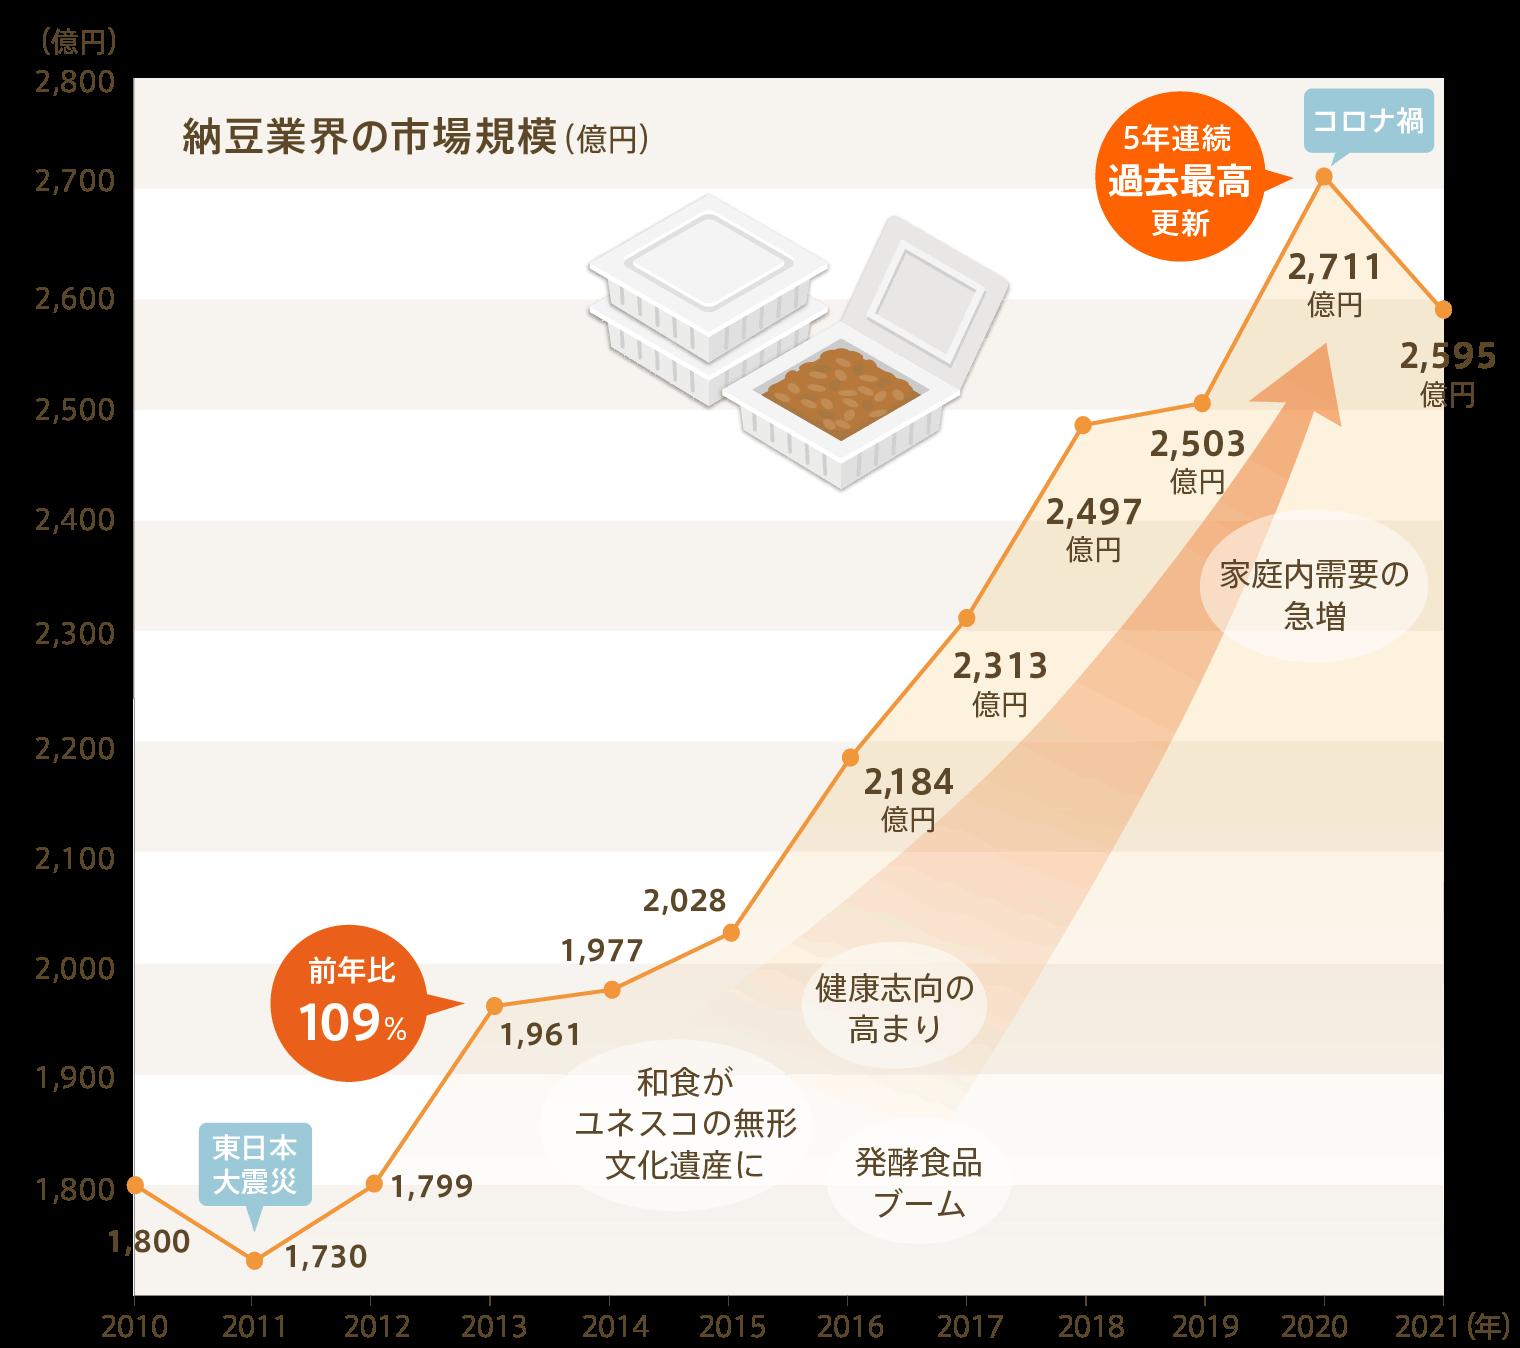 納豆業界の市場規模